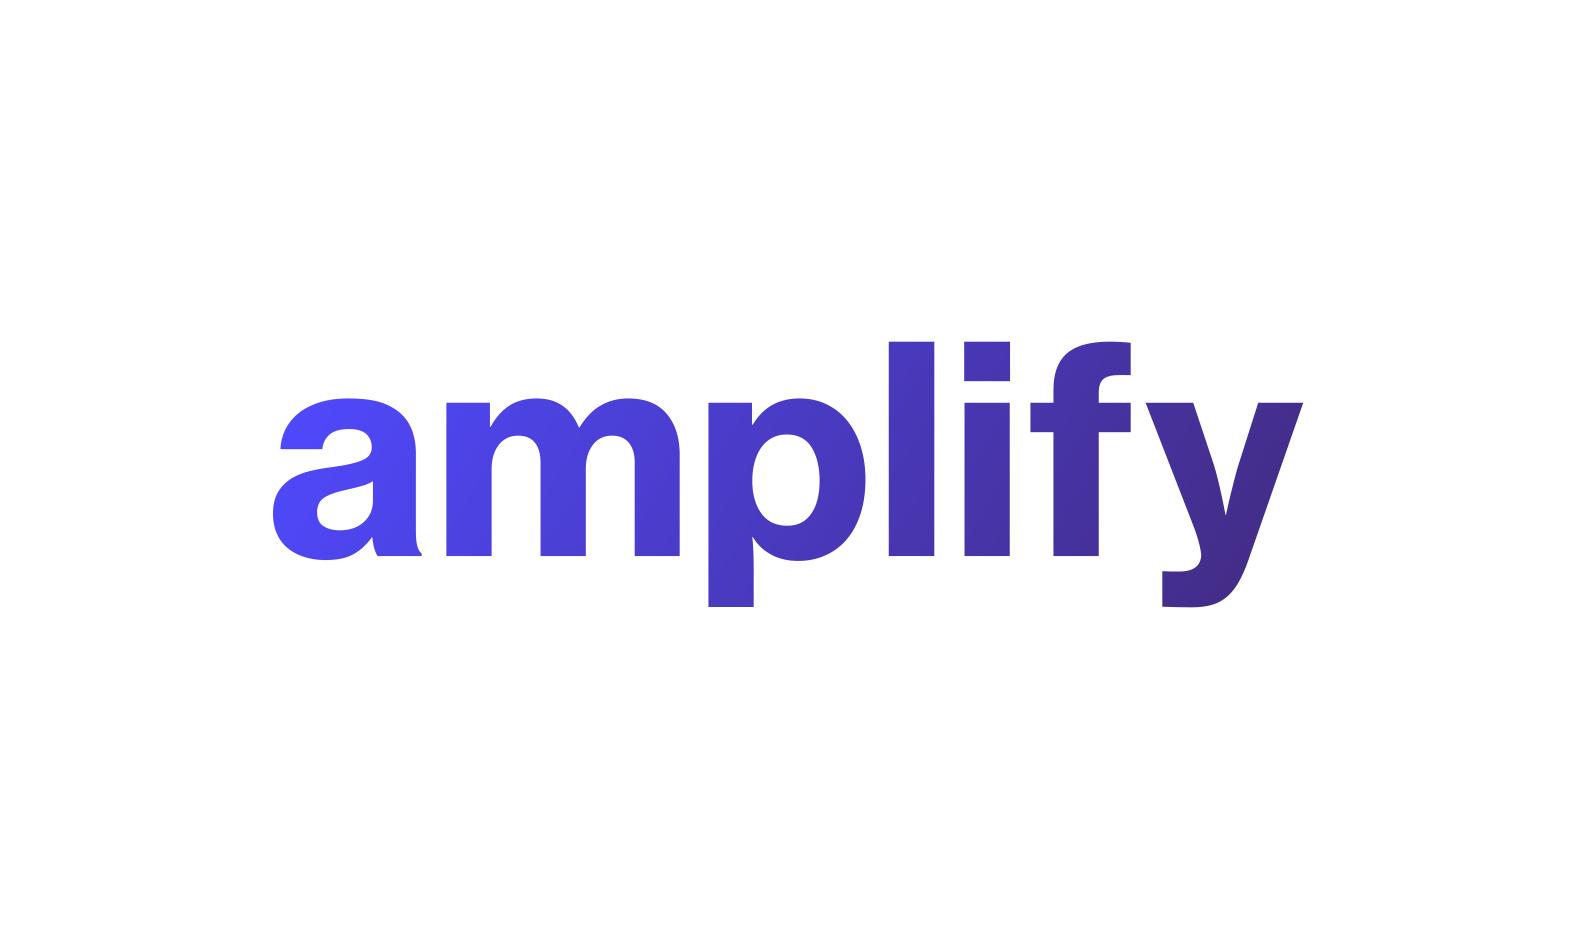 amplify-text